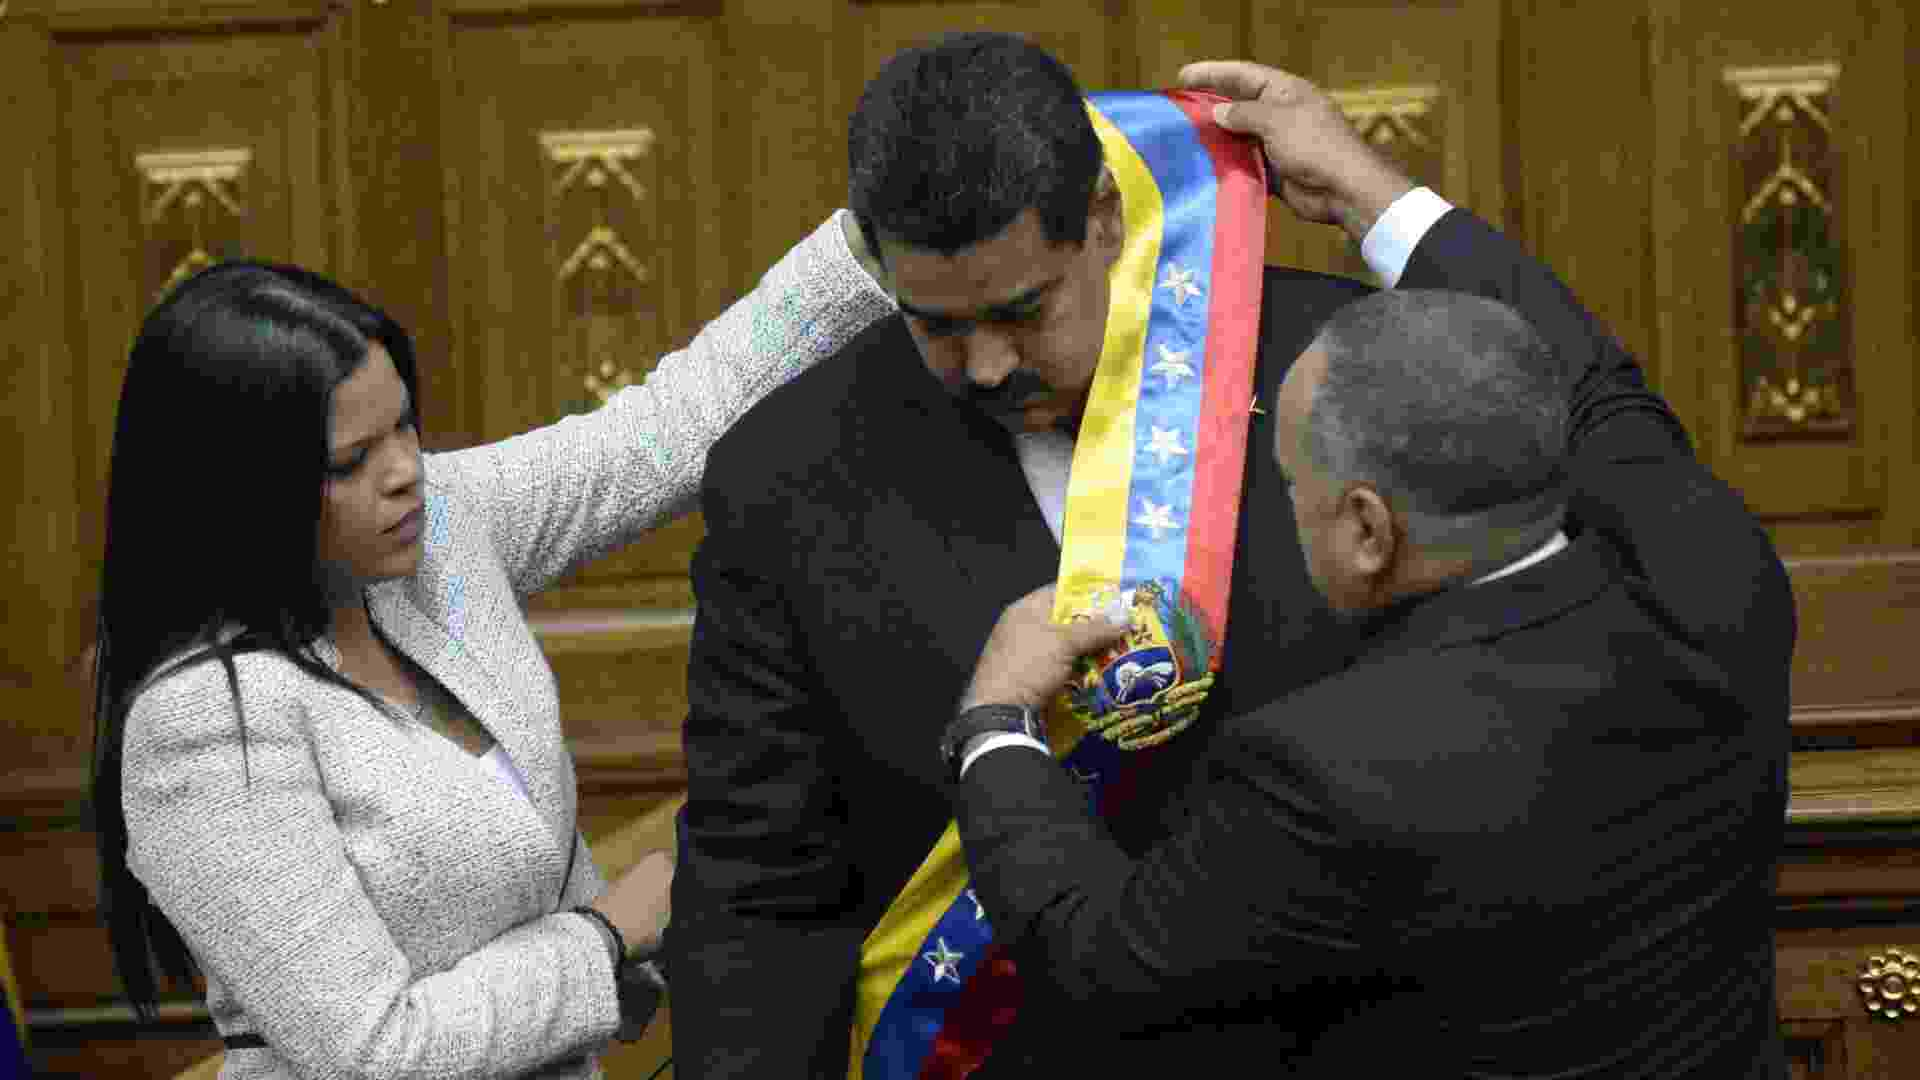 19.abr.2013 - Maria Gabriel Chávez (à esq.), filha de Hugo Chávez, e o presidente da Assembleia Nacional da Venezuela, Diosdado Cabello, colocam a faixa presidencial em Nicolás Maduro, em cerimônia de posse no cargo nesta sexta-feira (19), na sede da Assembleia Nacional, em Caracas - Juan Barreto/AFP